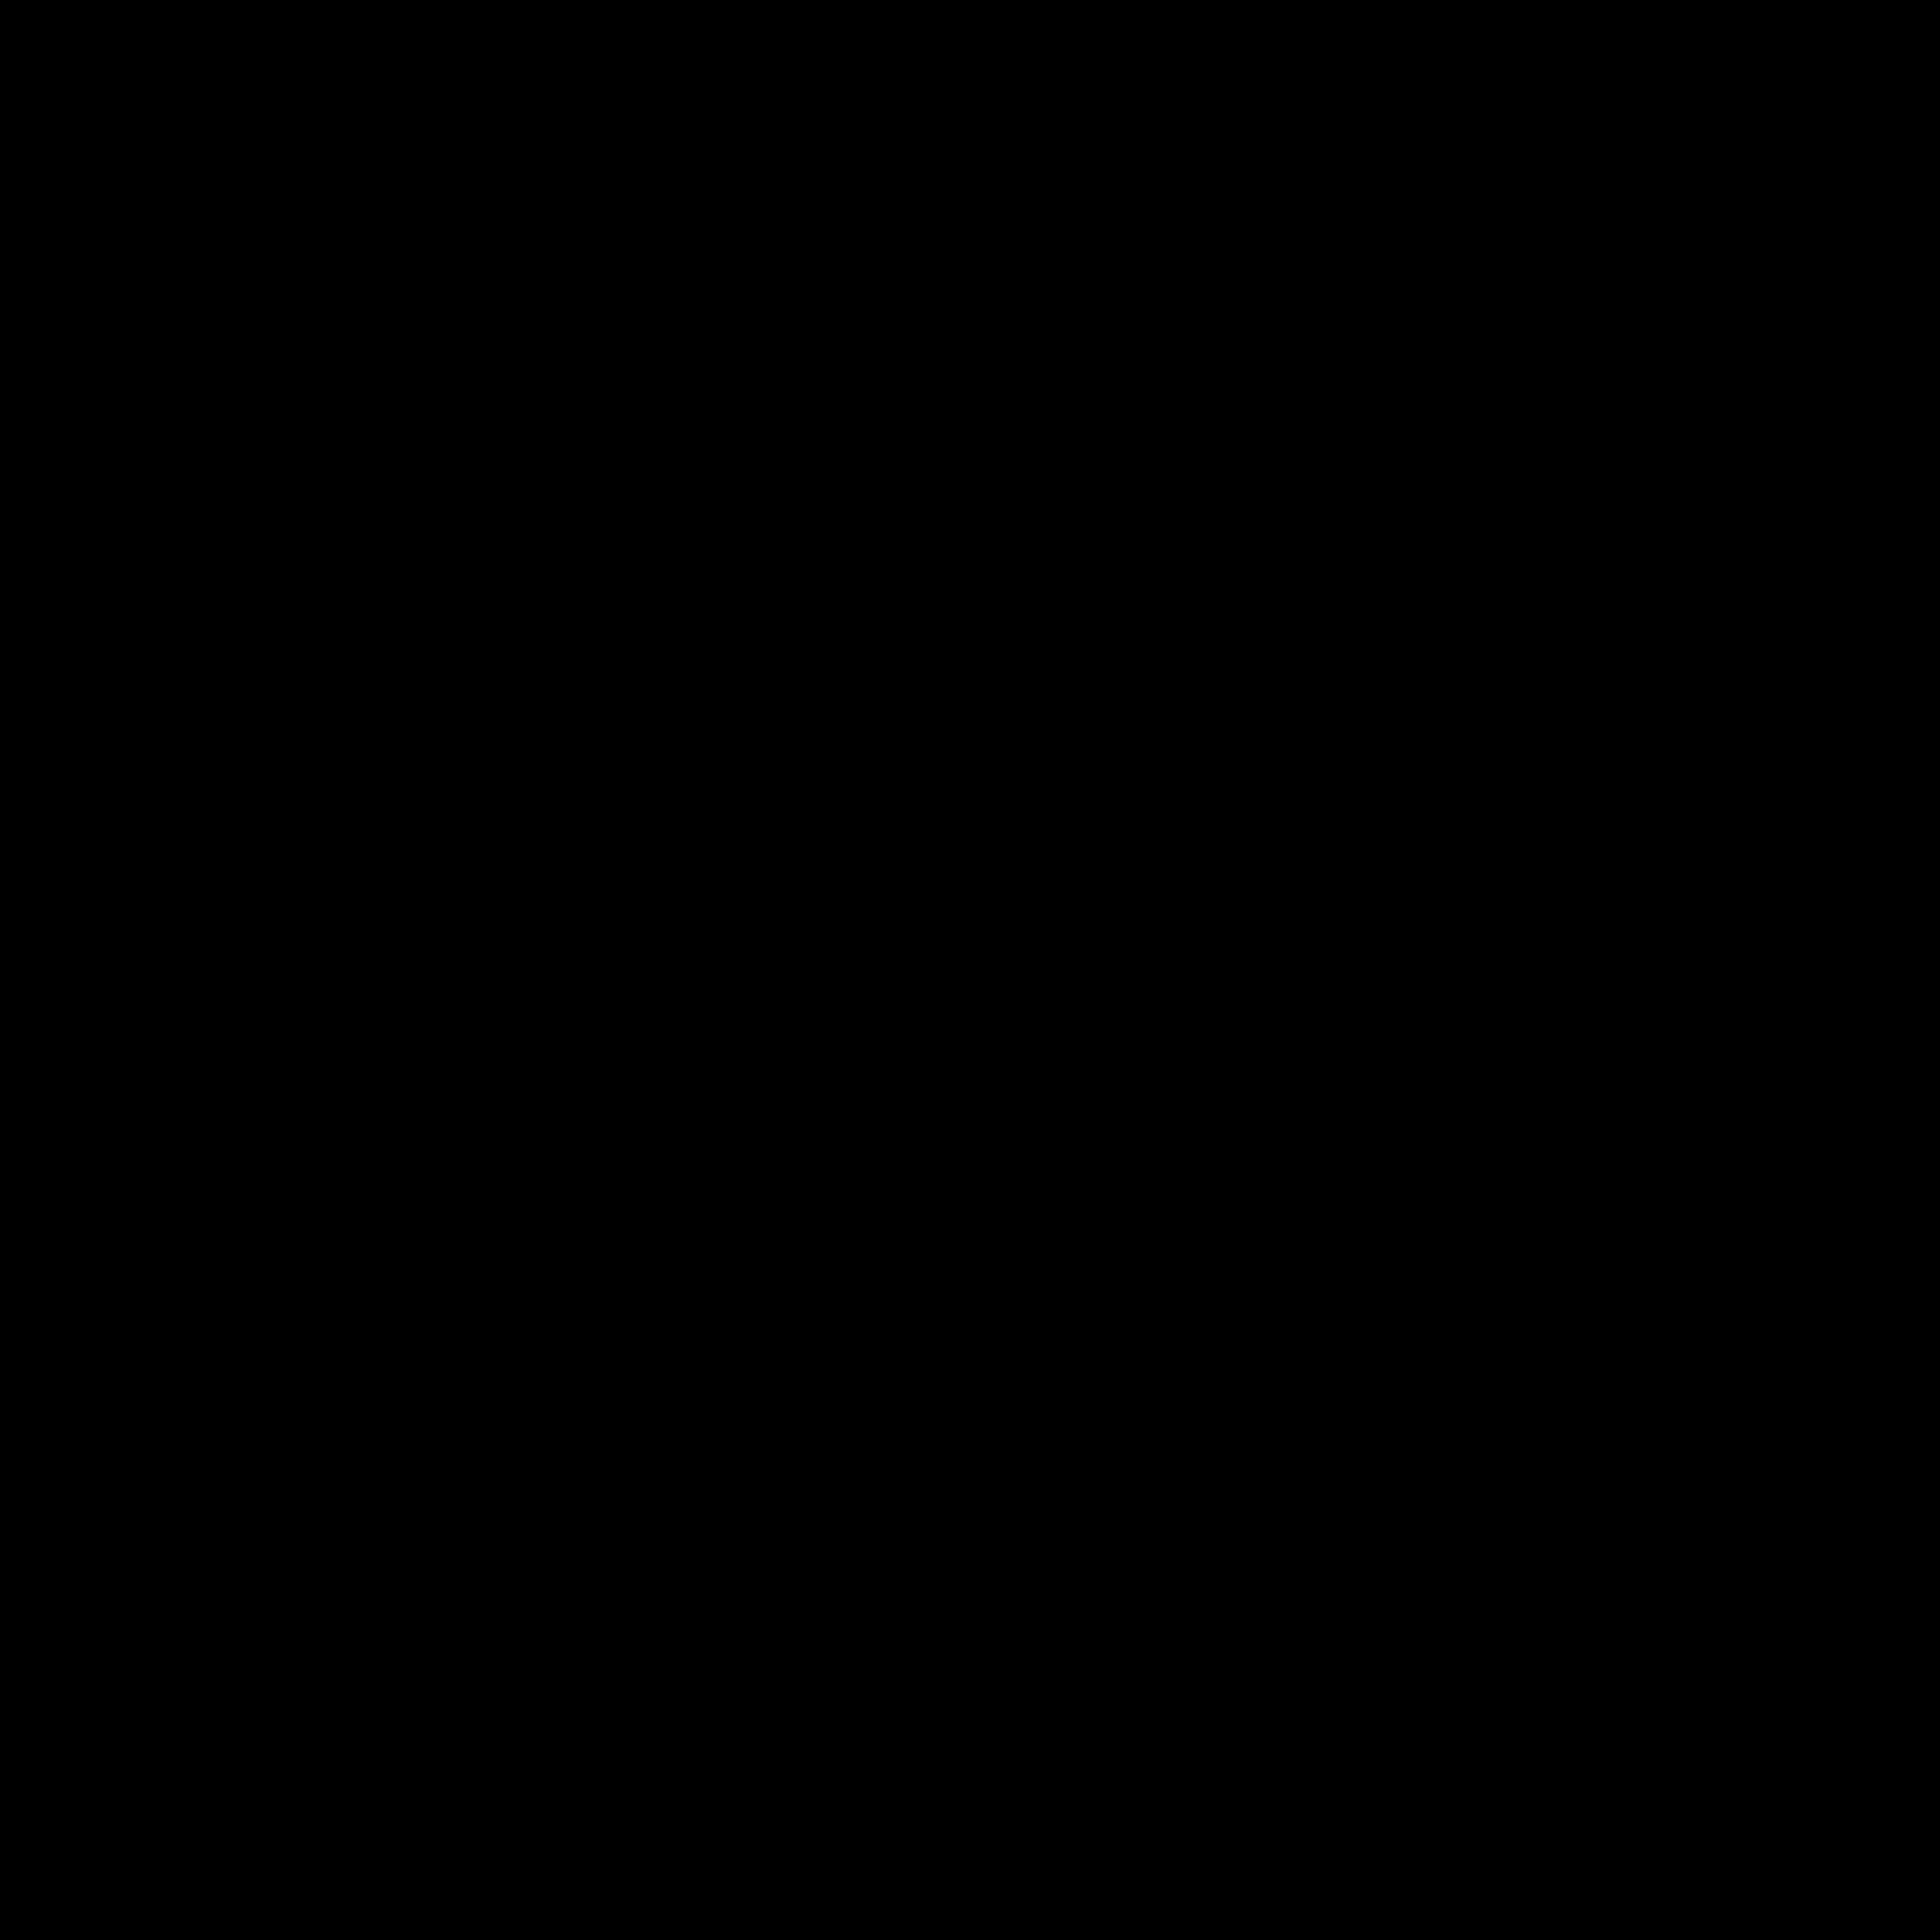 Adidas Fitnesstas Adidas zwart wit kopen? Sport accessoires met voordeel vind je hier